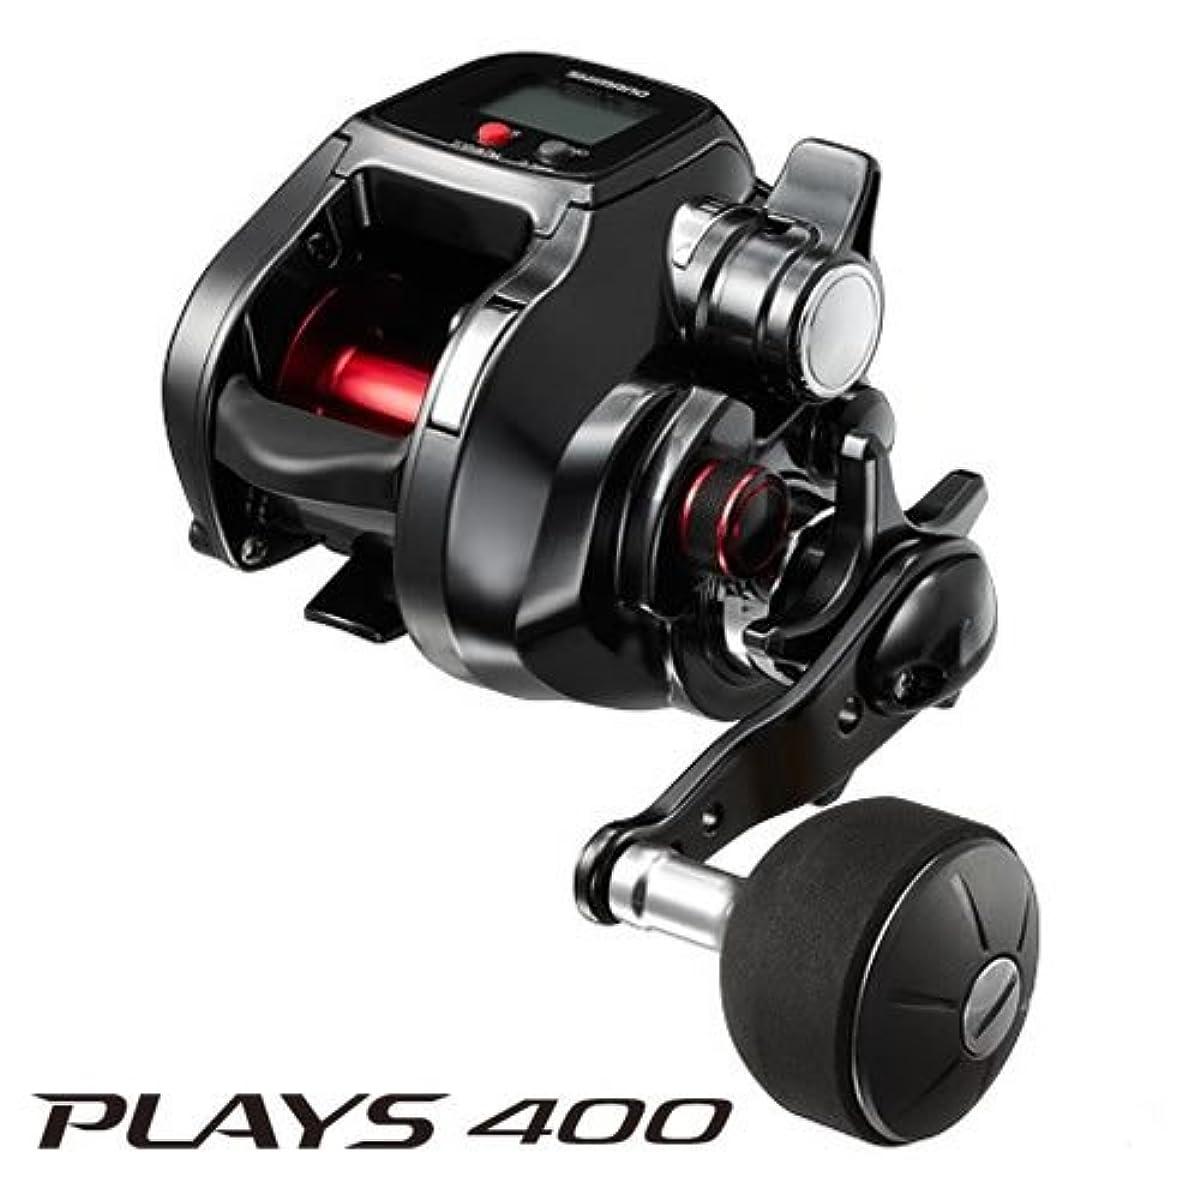 [해외] 시마노 릴 16 플레이즈 PLAYS 400